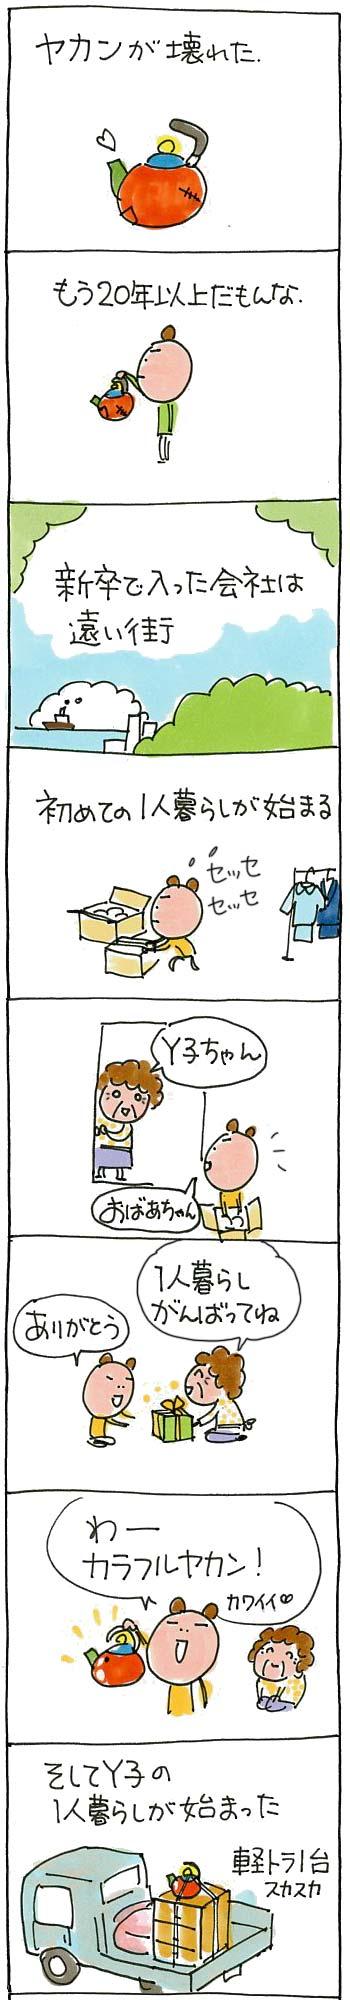 やかん01